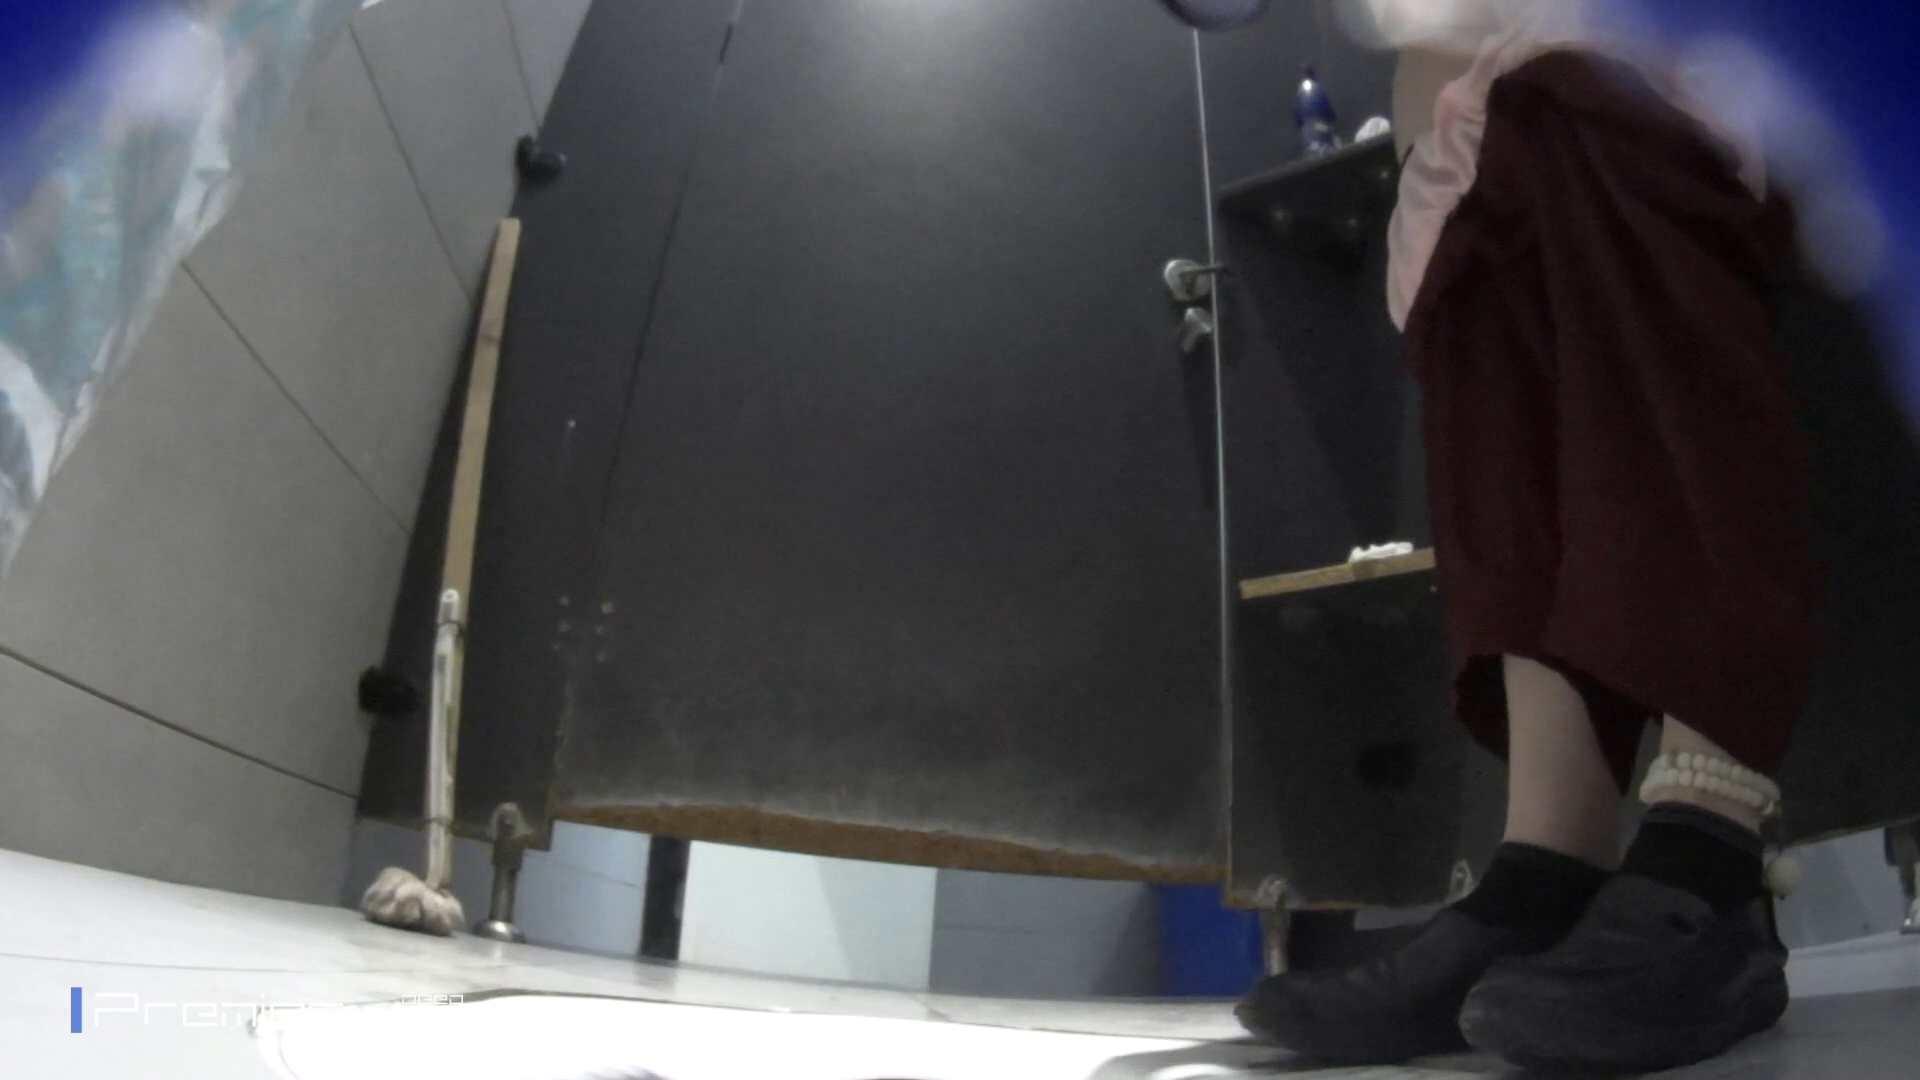 フロントから丸見え! 大学休憩時間の洗面所事情60 高画質  69PIX 53